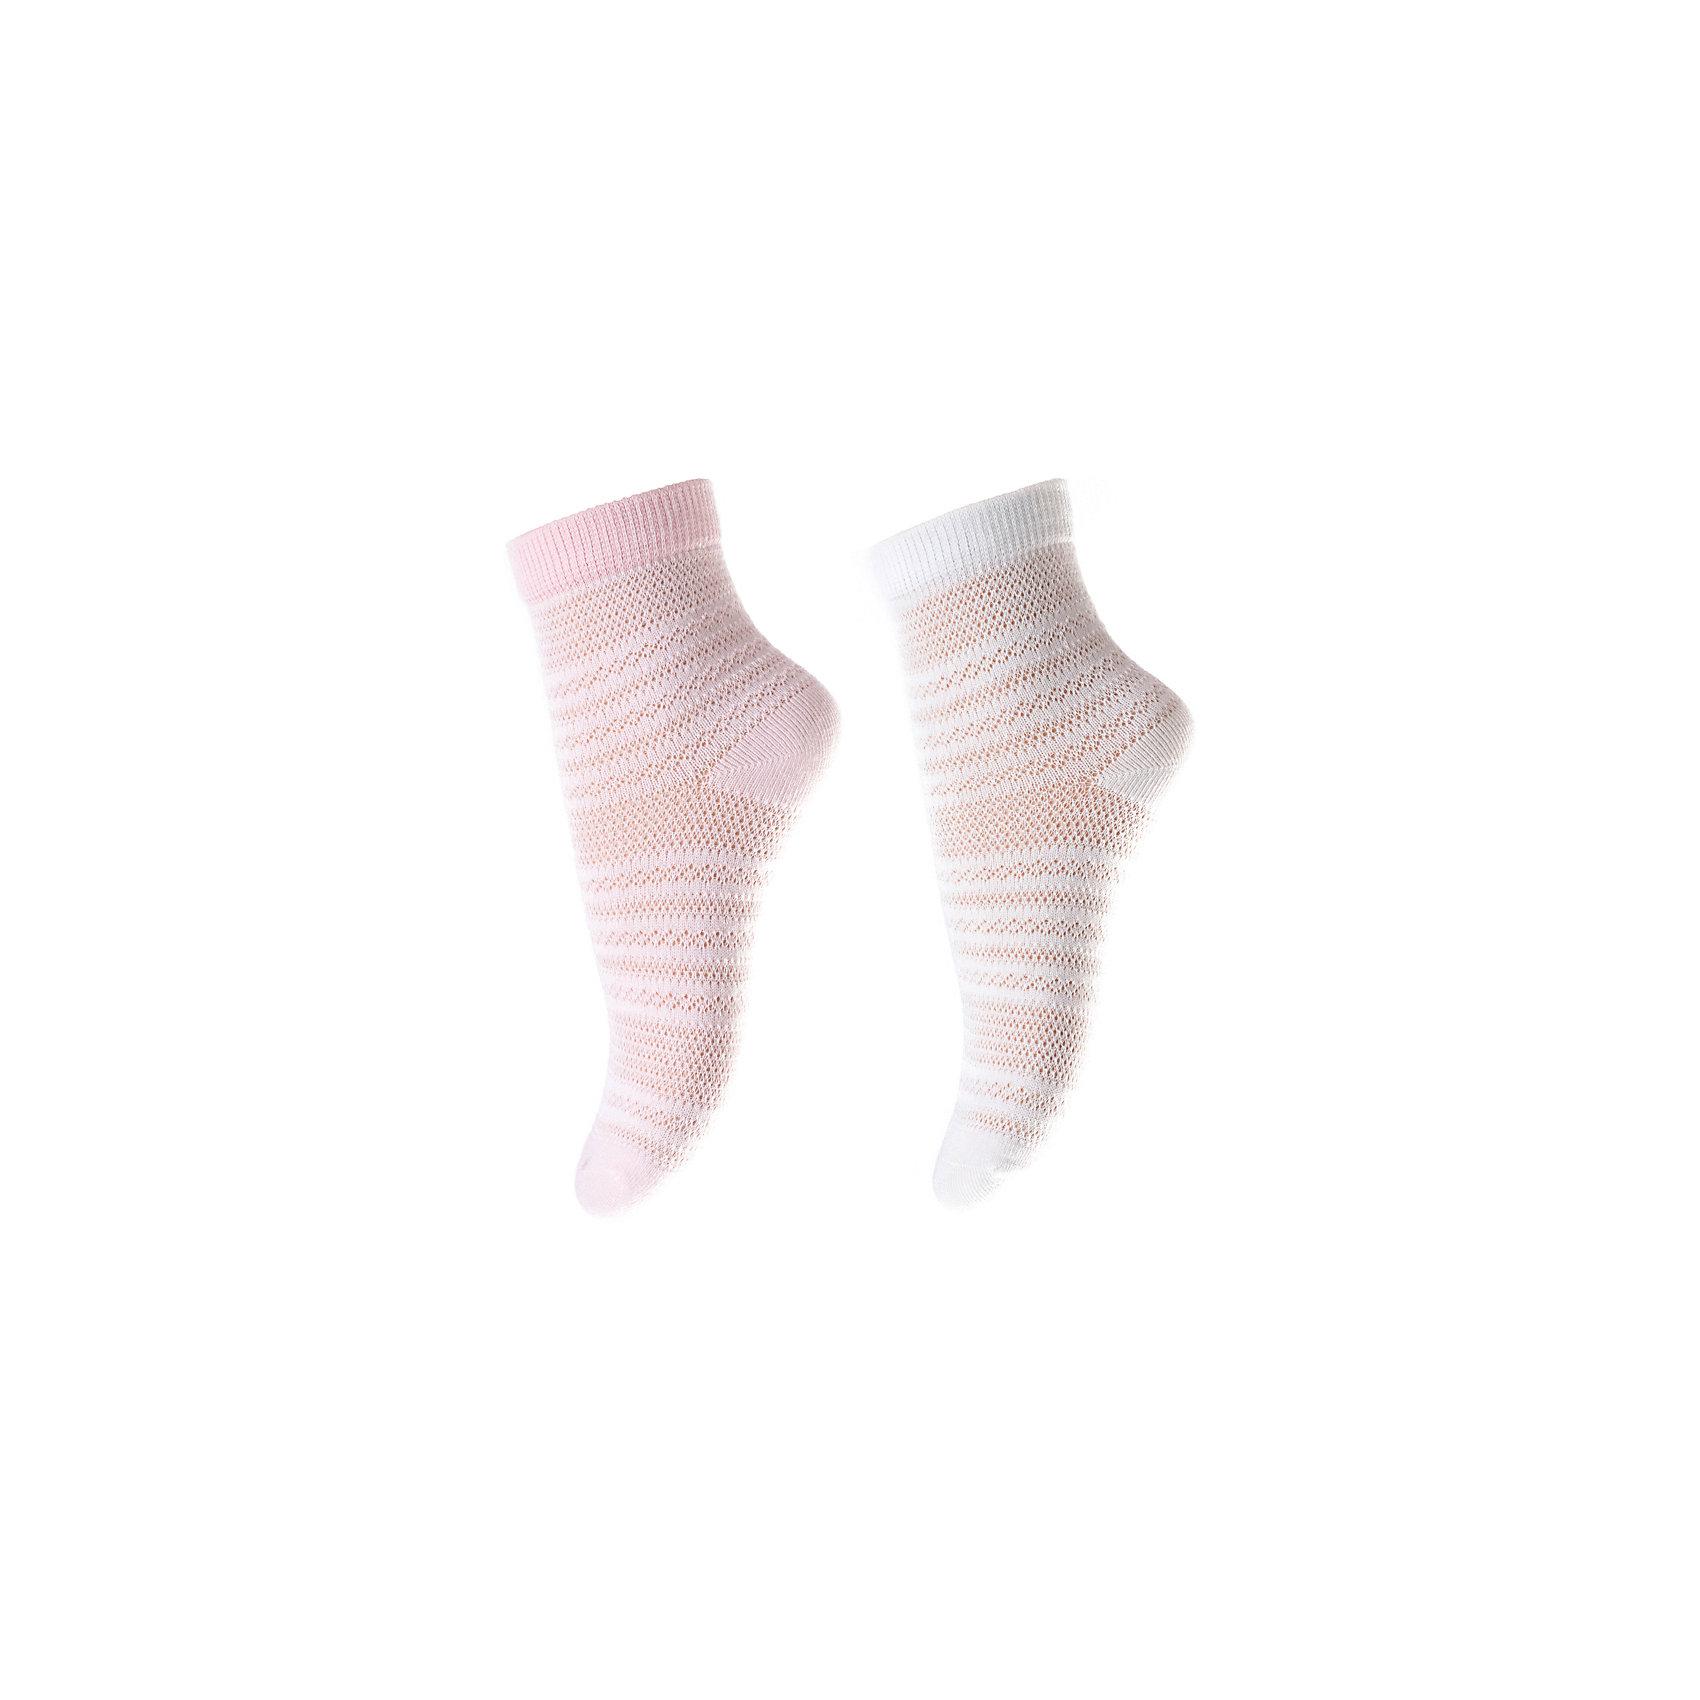 Носки, 2 пары  PlayToday для девочкиНосочки и колготки<br>Носки PlayToday для девочки<br>Носки очень мягкие, из качественных материалов, приятны к телу и не сковывают движений. Эффектной ажурной вязки. Хорошо пропускают воздух, тем самым позволяя коже дышать.  Даже частые стирки, при условии соблюдений рекомендаций по уходу, не изменят ни форму, ни цвет изделий.<br>Состав:<br>75% хлопок, 22% нейлон, 3% эластан<br><br>Ширина мм: 87<br>Глубина мм: 10<br>Высота мм: 105<br>Вес г: 115<br>Цвет: белый<br>Возраст от месяцев: 18<br>Возраст до месяцев: 24<br>Пол: Женский<br>Возраст: Детский<br>Размер: 12,11<br>SKU: 7111203